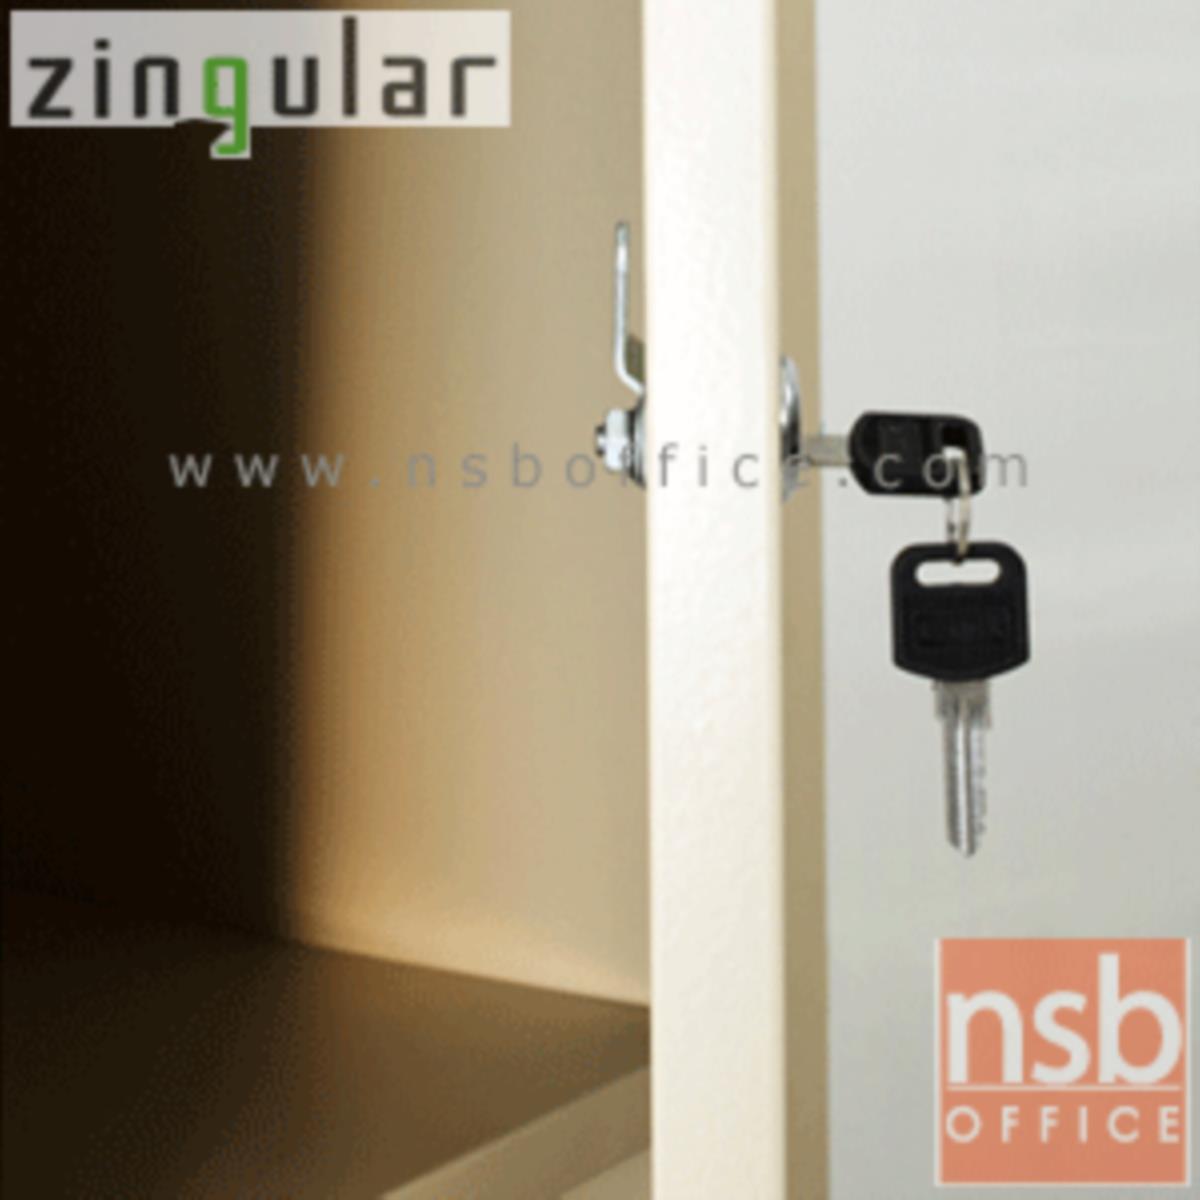 ตู้เหล็กล็อคเกอร์ 18 ประตู กุญแจแยก รุ่น ZLK-6118